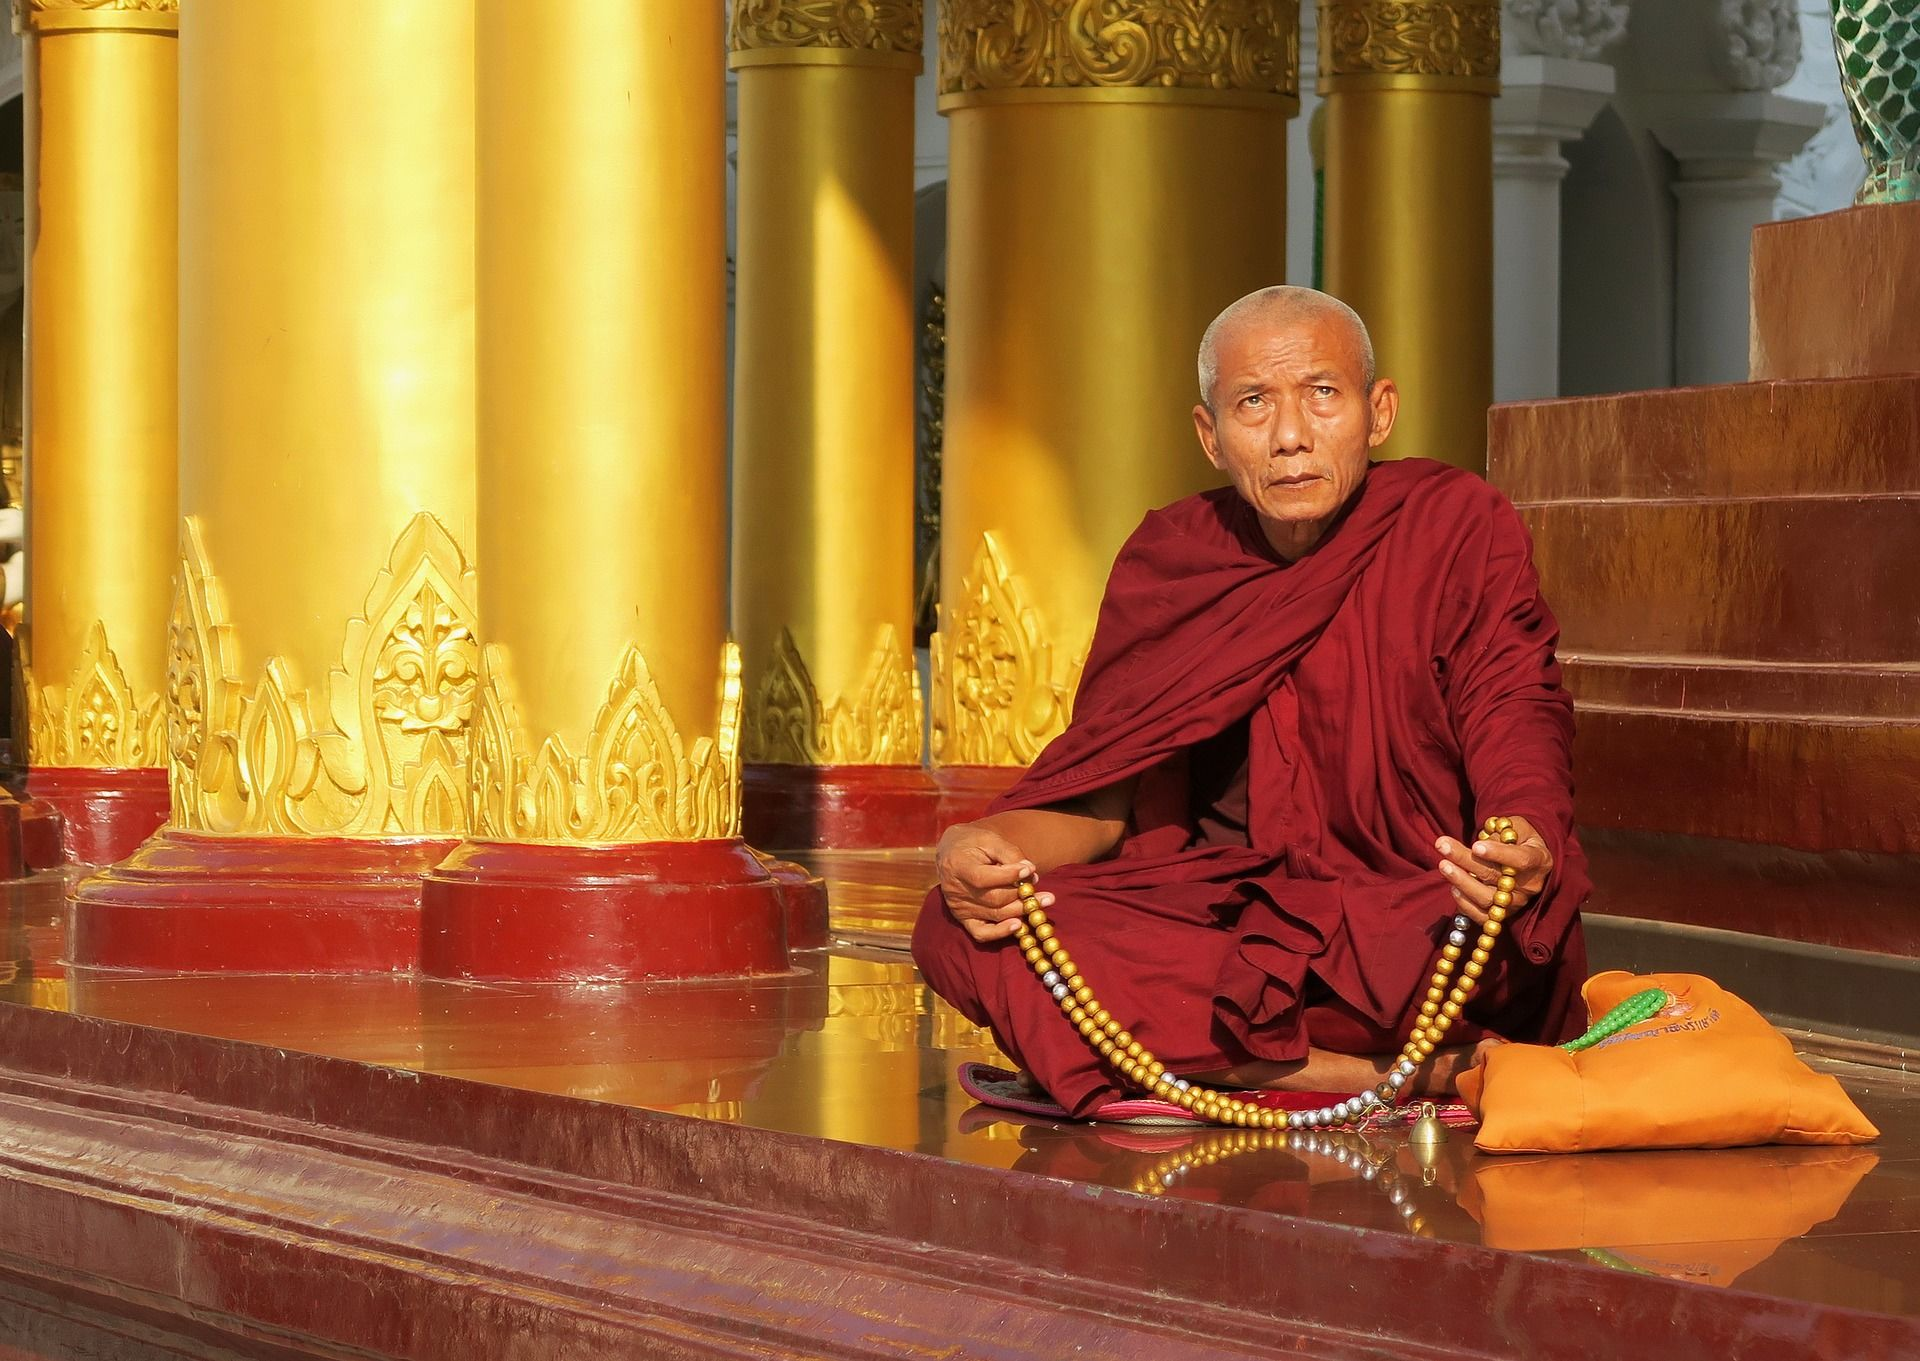 Sfeerimpressie Rondreis Myanmar: De charme van Myanmar